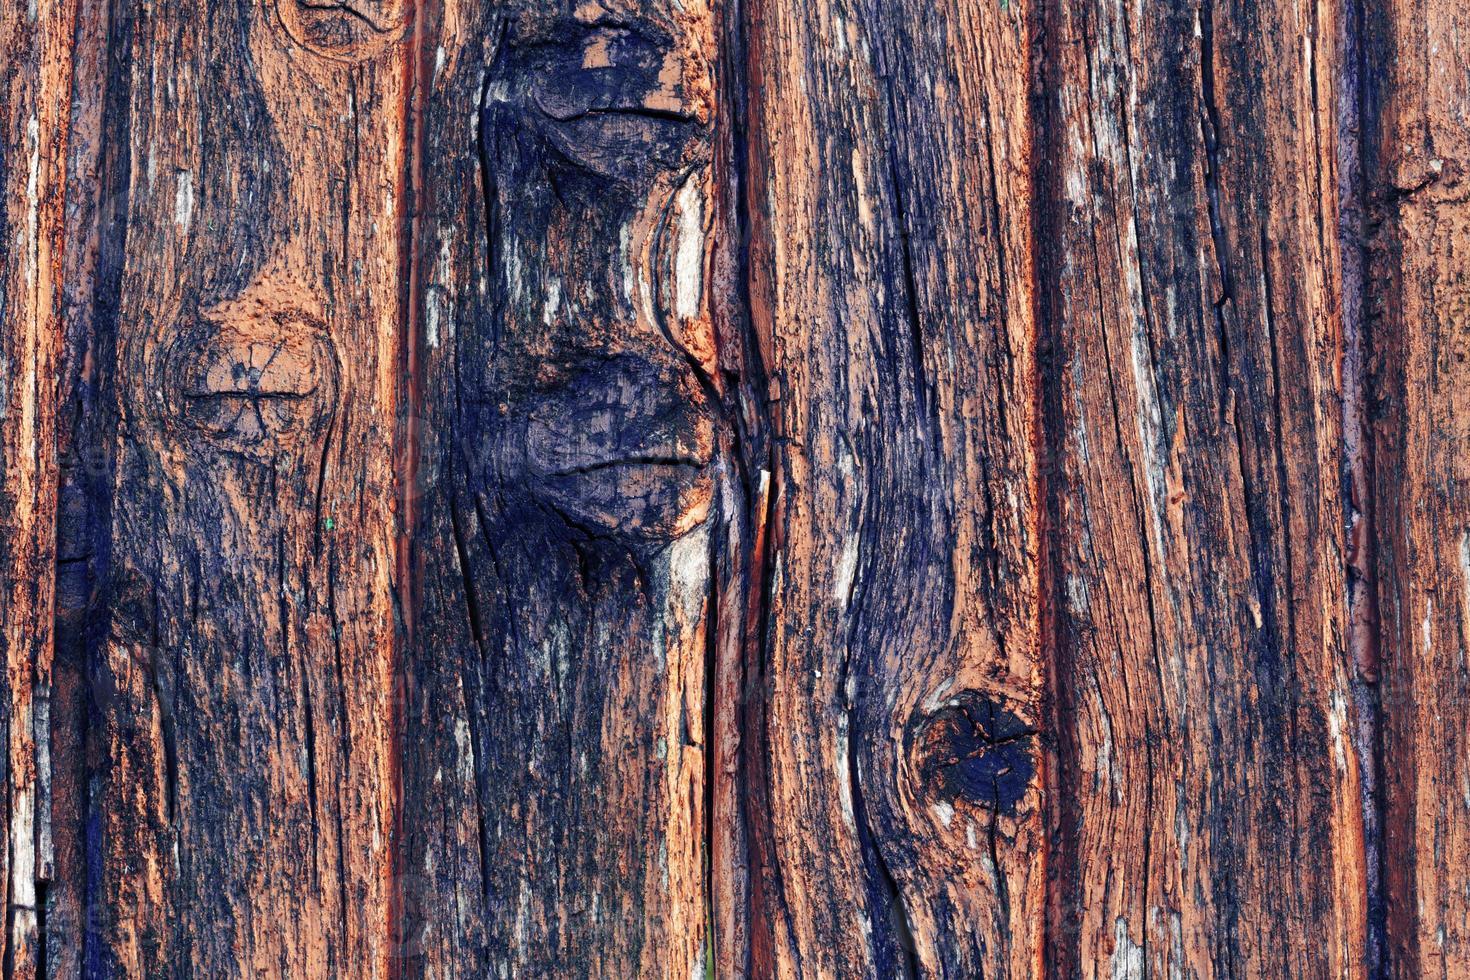 houten achtergrond is een oude retro vintage foto